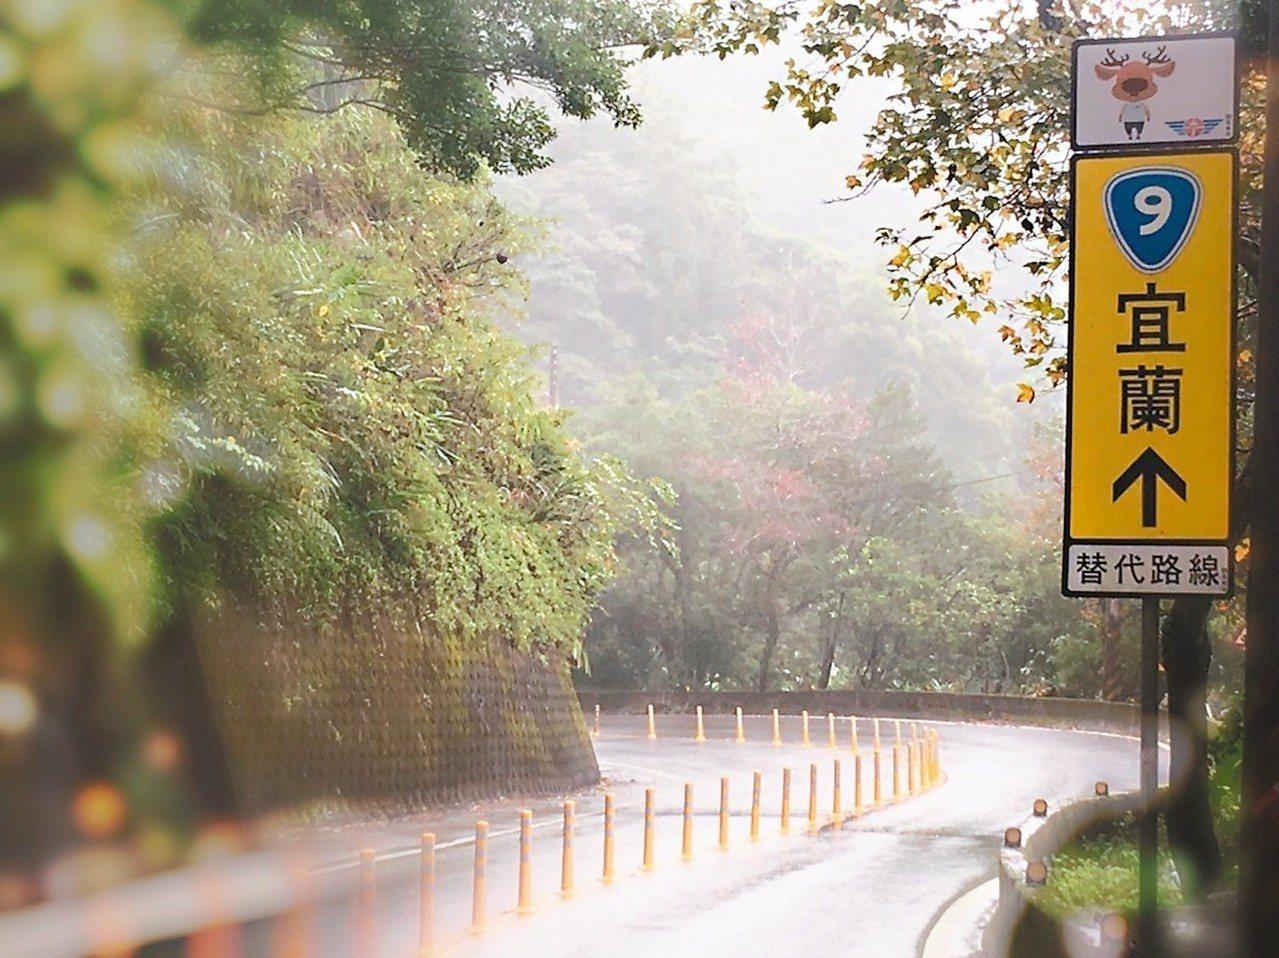 公路總局規劃台9線作為國道5號替代路線,循著指引標誌上方增設「幸福公鹿」(圖騰)...